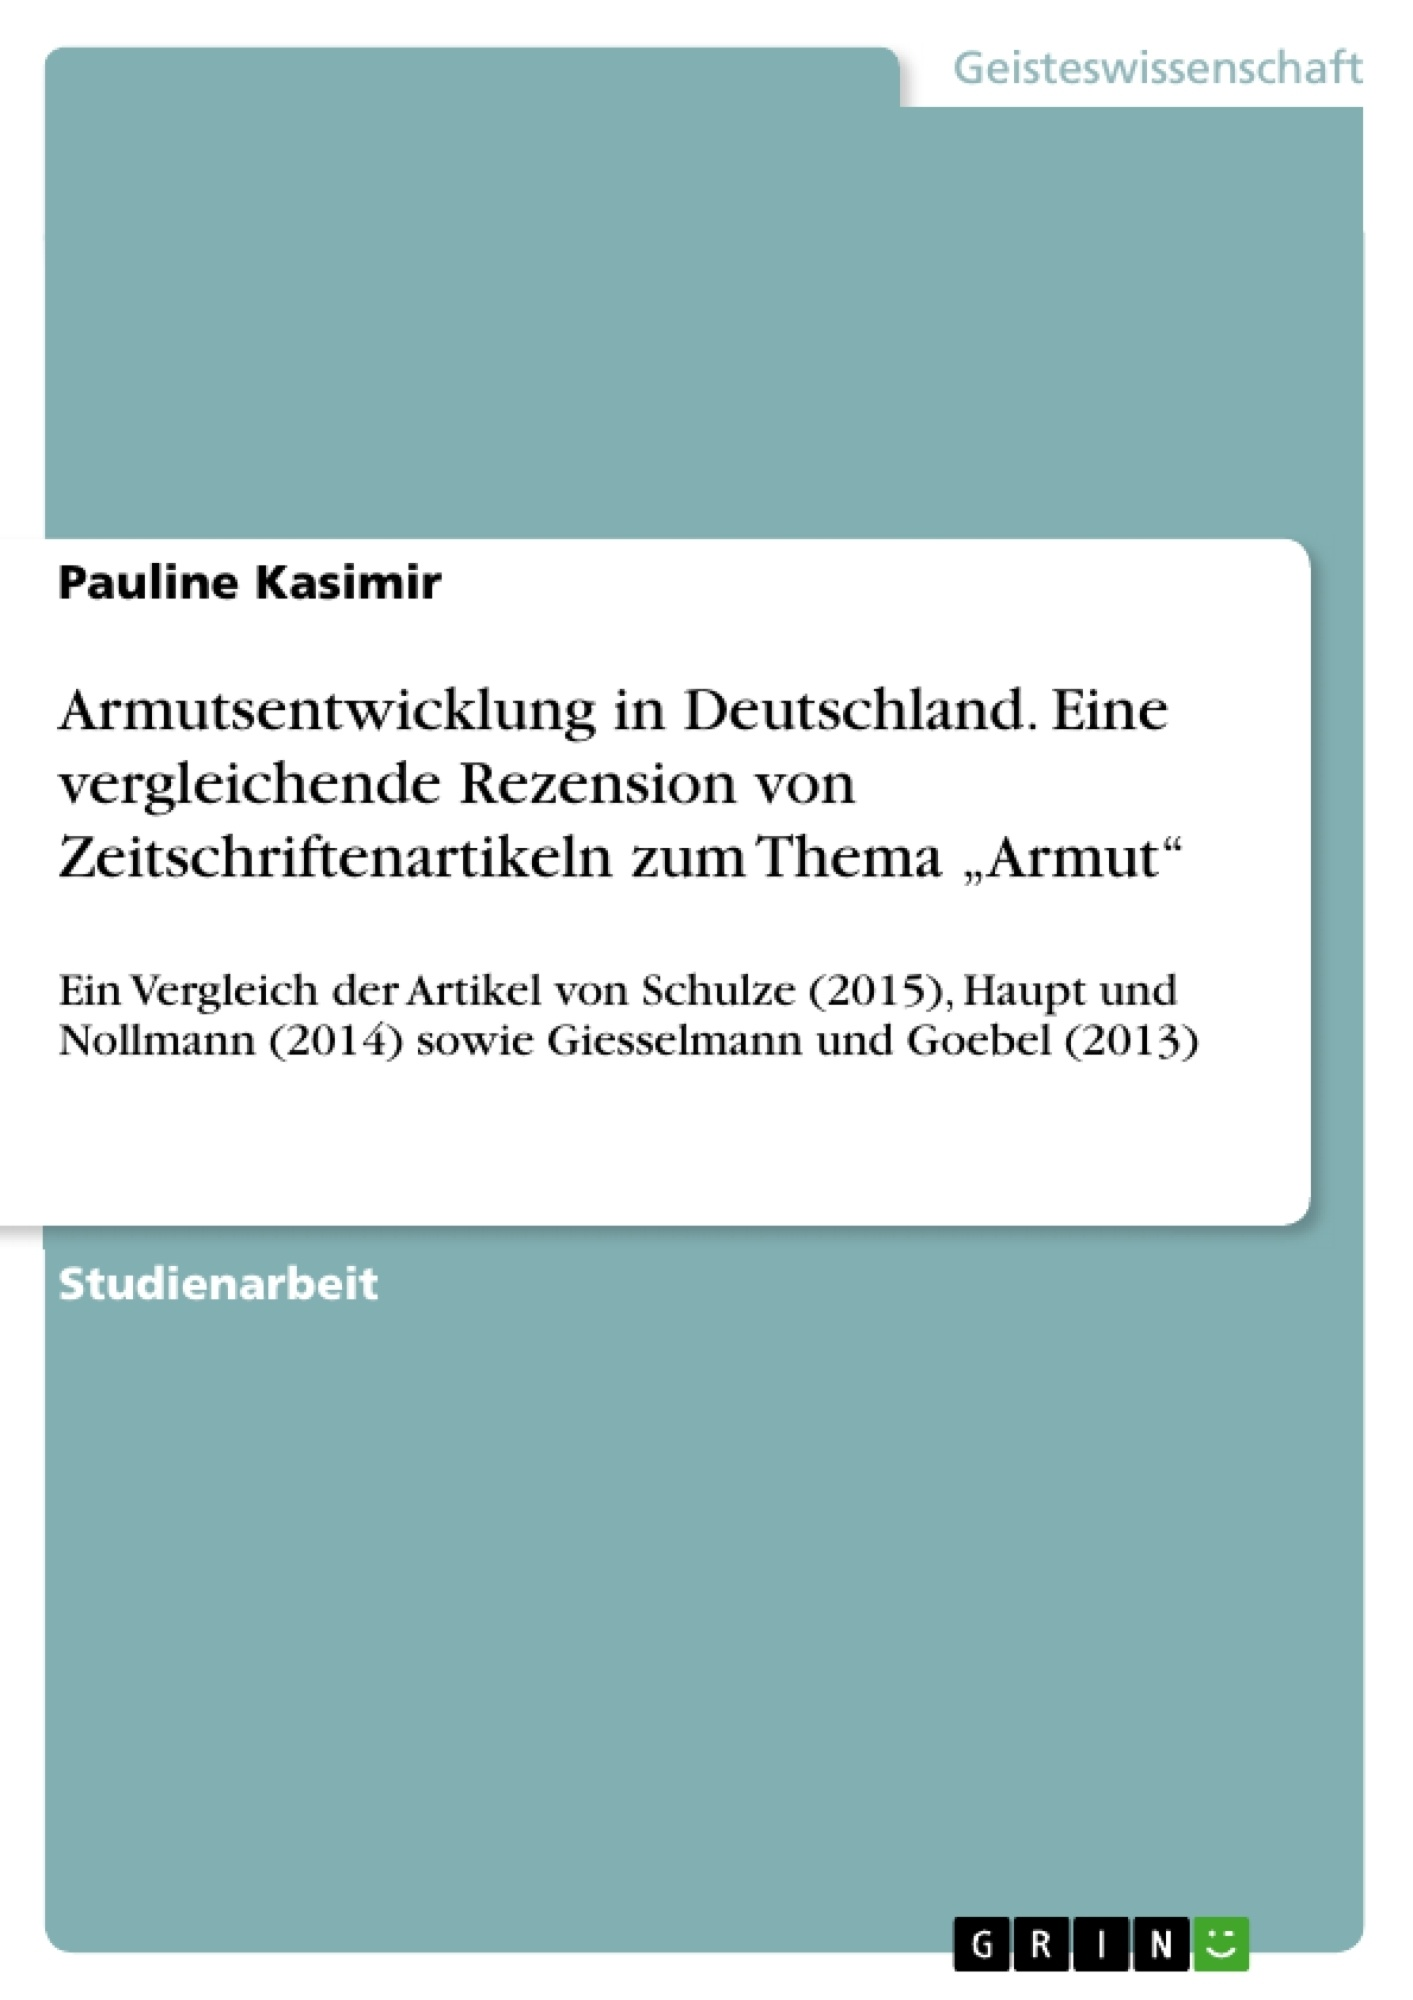 """Titel: Armutsentwicklung in Deutschland. Eine vergleichende Rezension von Zeitschriftenartikeln zum Thema """"Armut"""""""